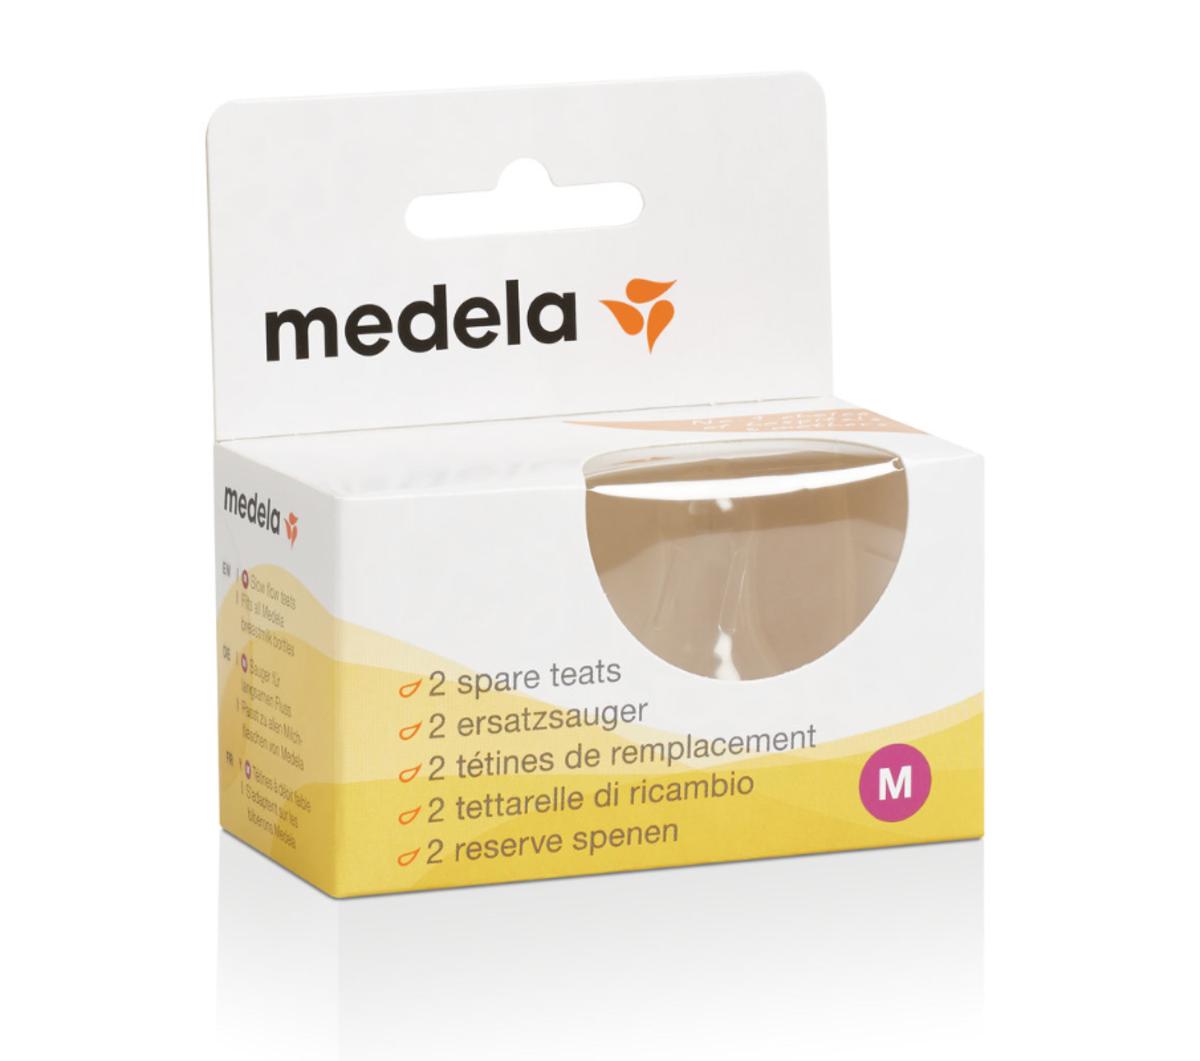 Medela Spare Teats M size